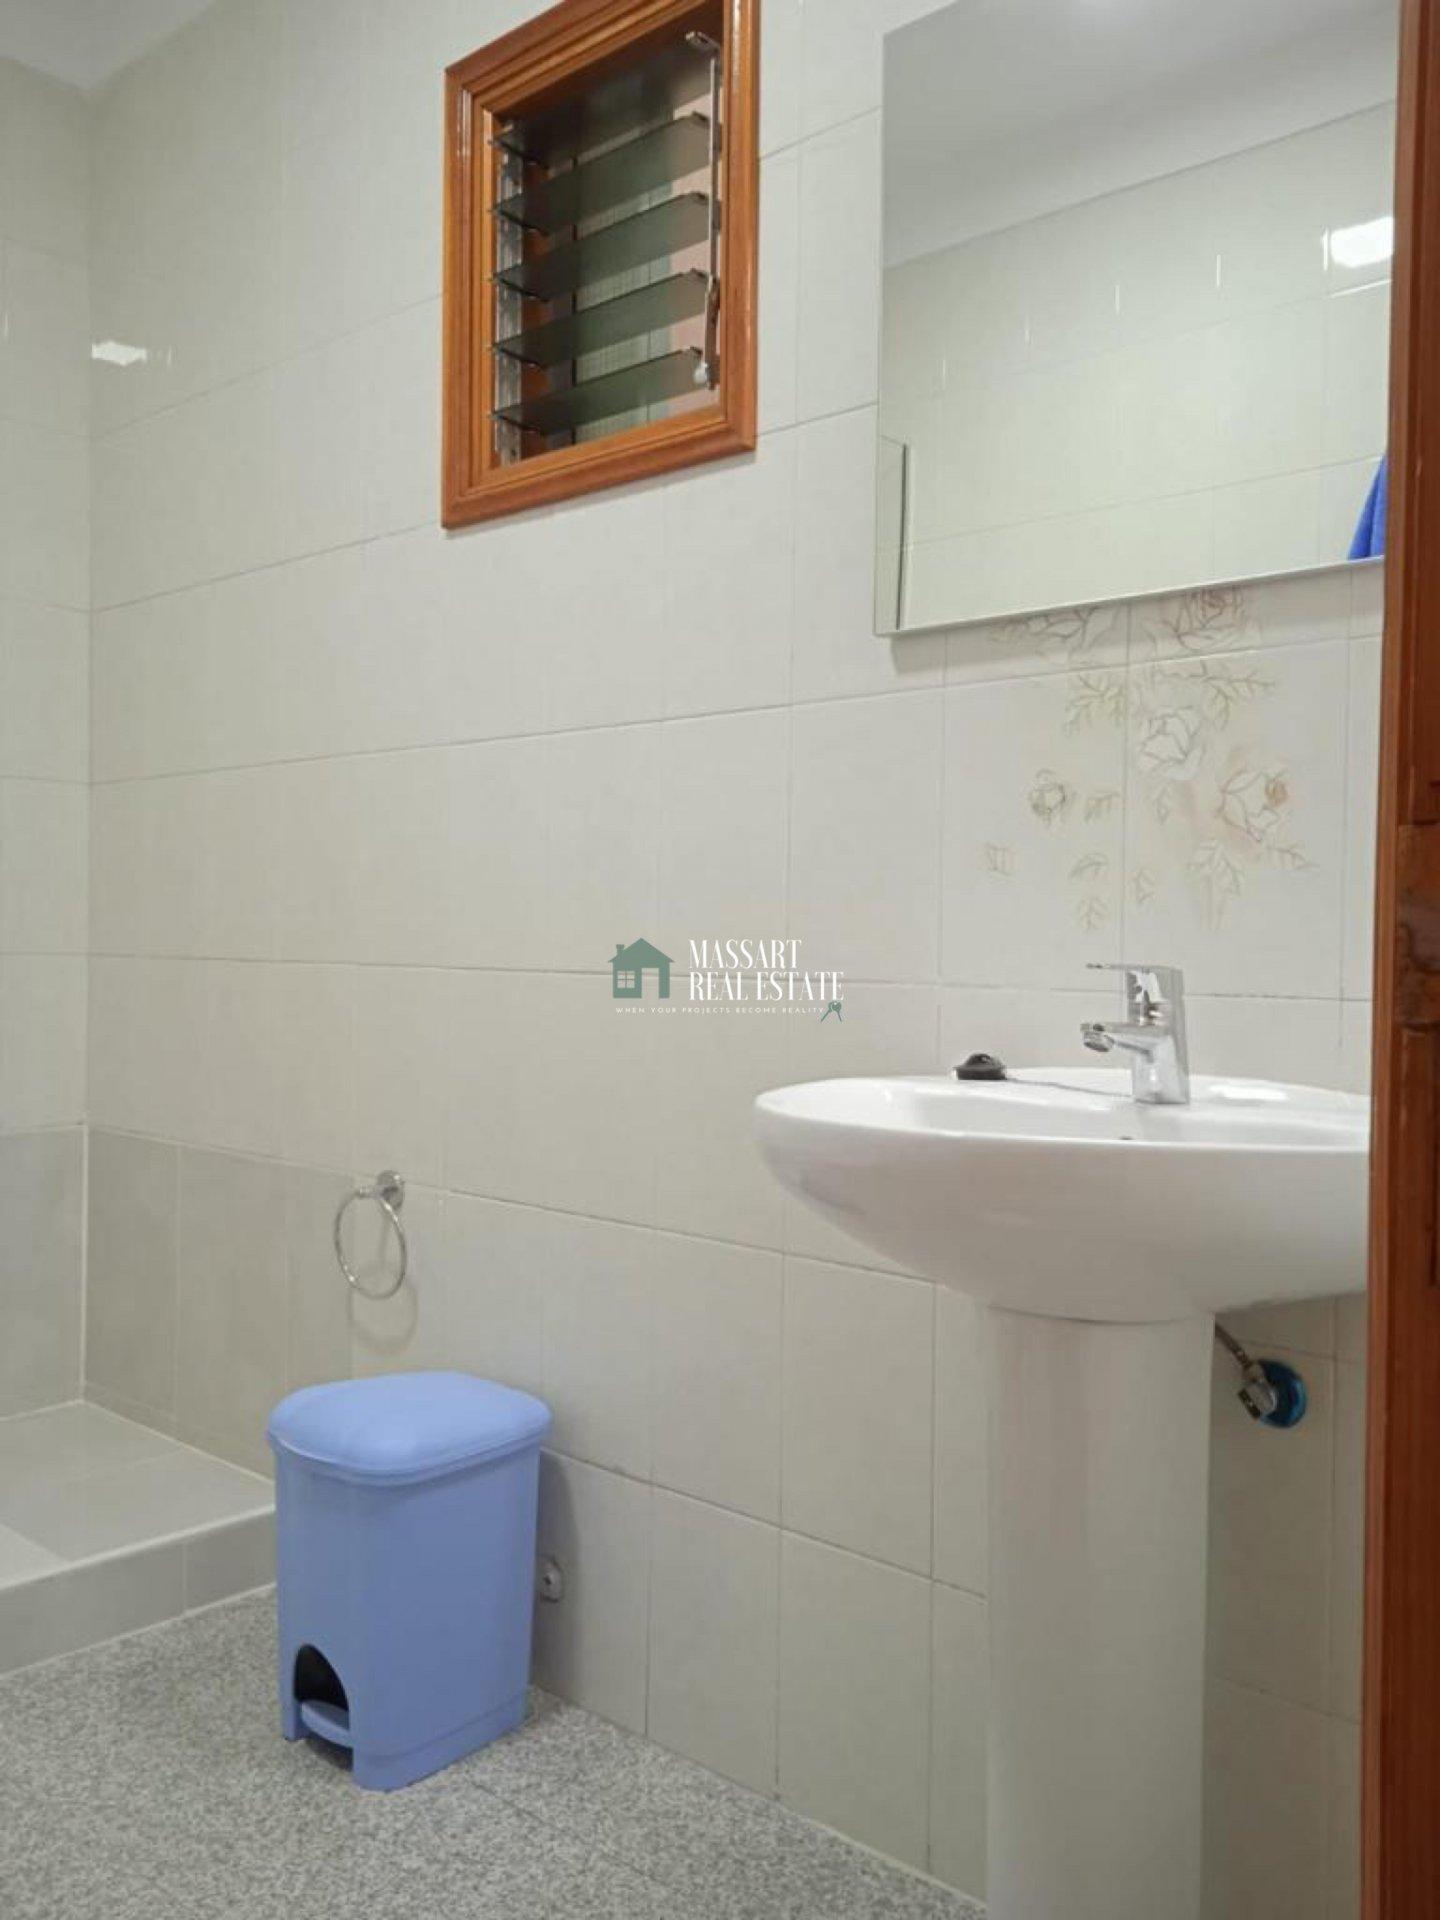 Gemeubileerd en recent gerenoveerd appartement van 70 m2 gelegen in de populaire wijk Puerto Santiago... zeer dicht bij het strand!